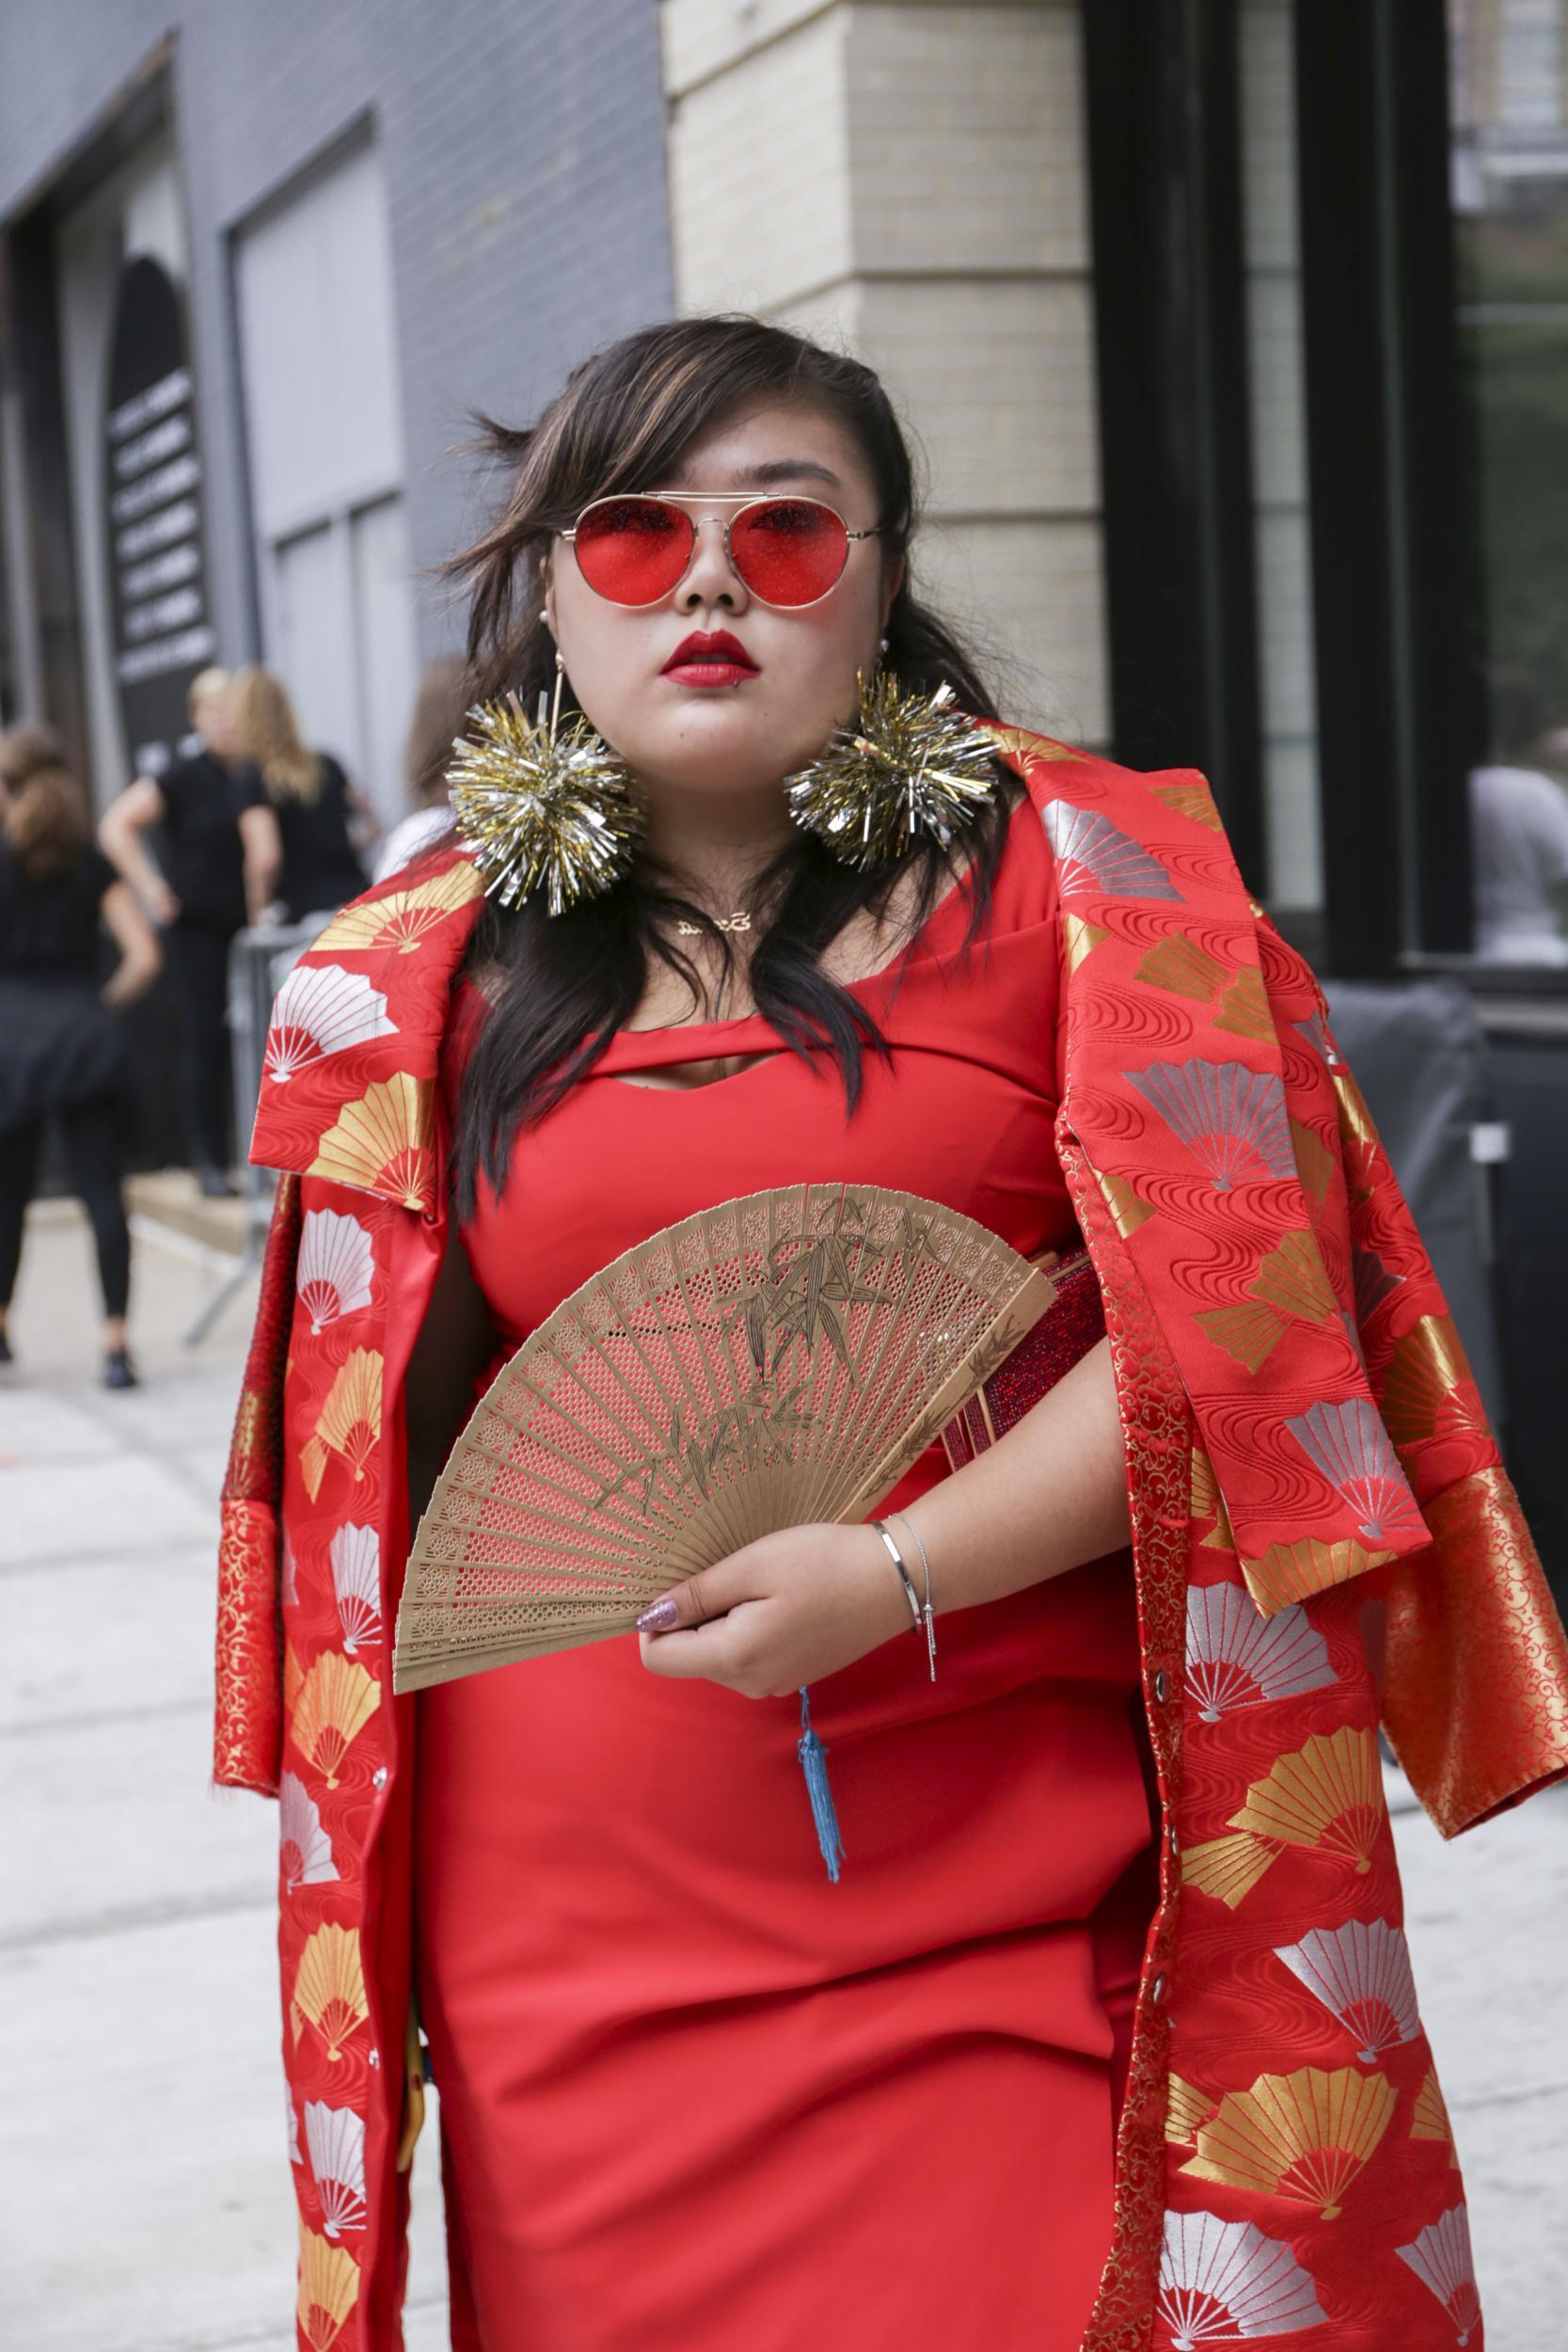 New York Fashion Week 2018: Best street style looks around